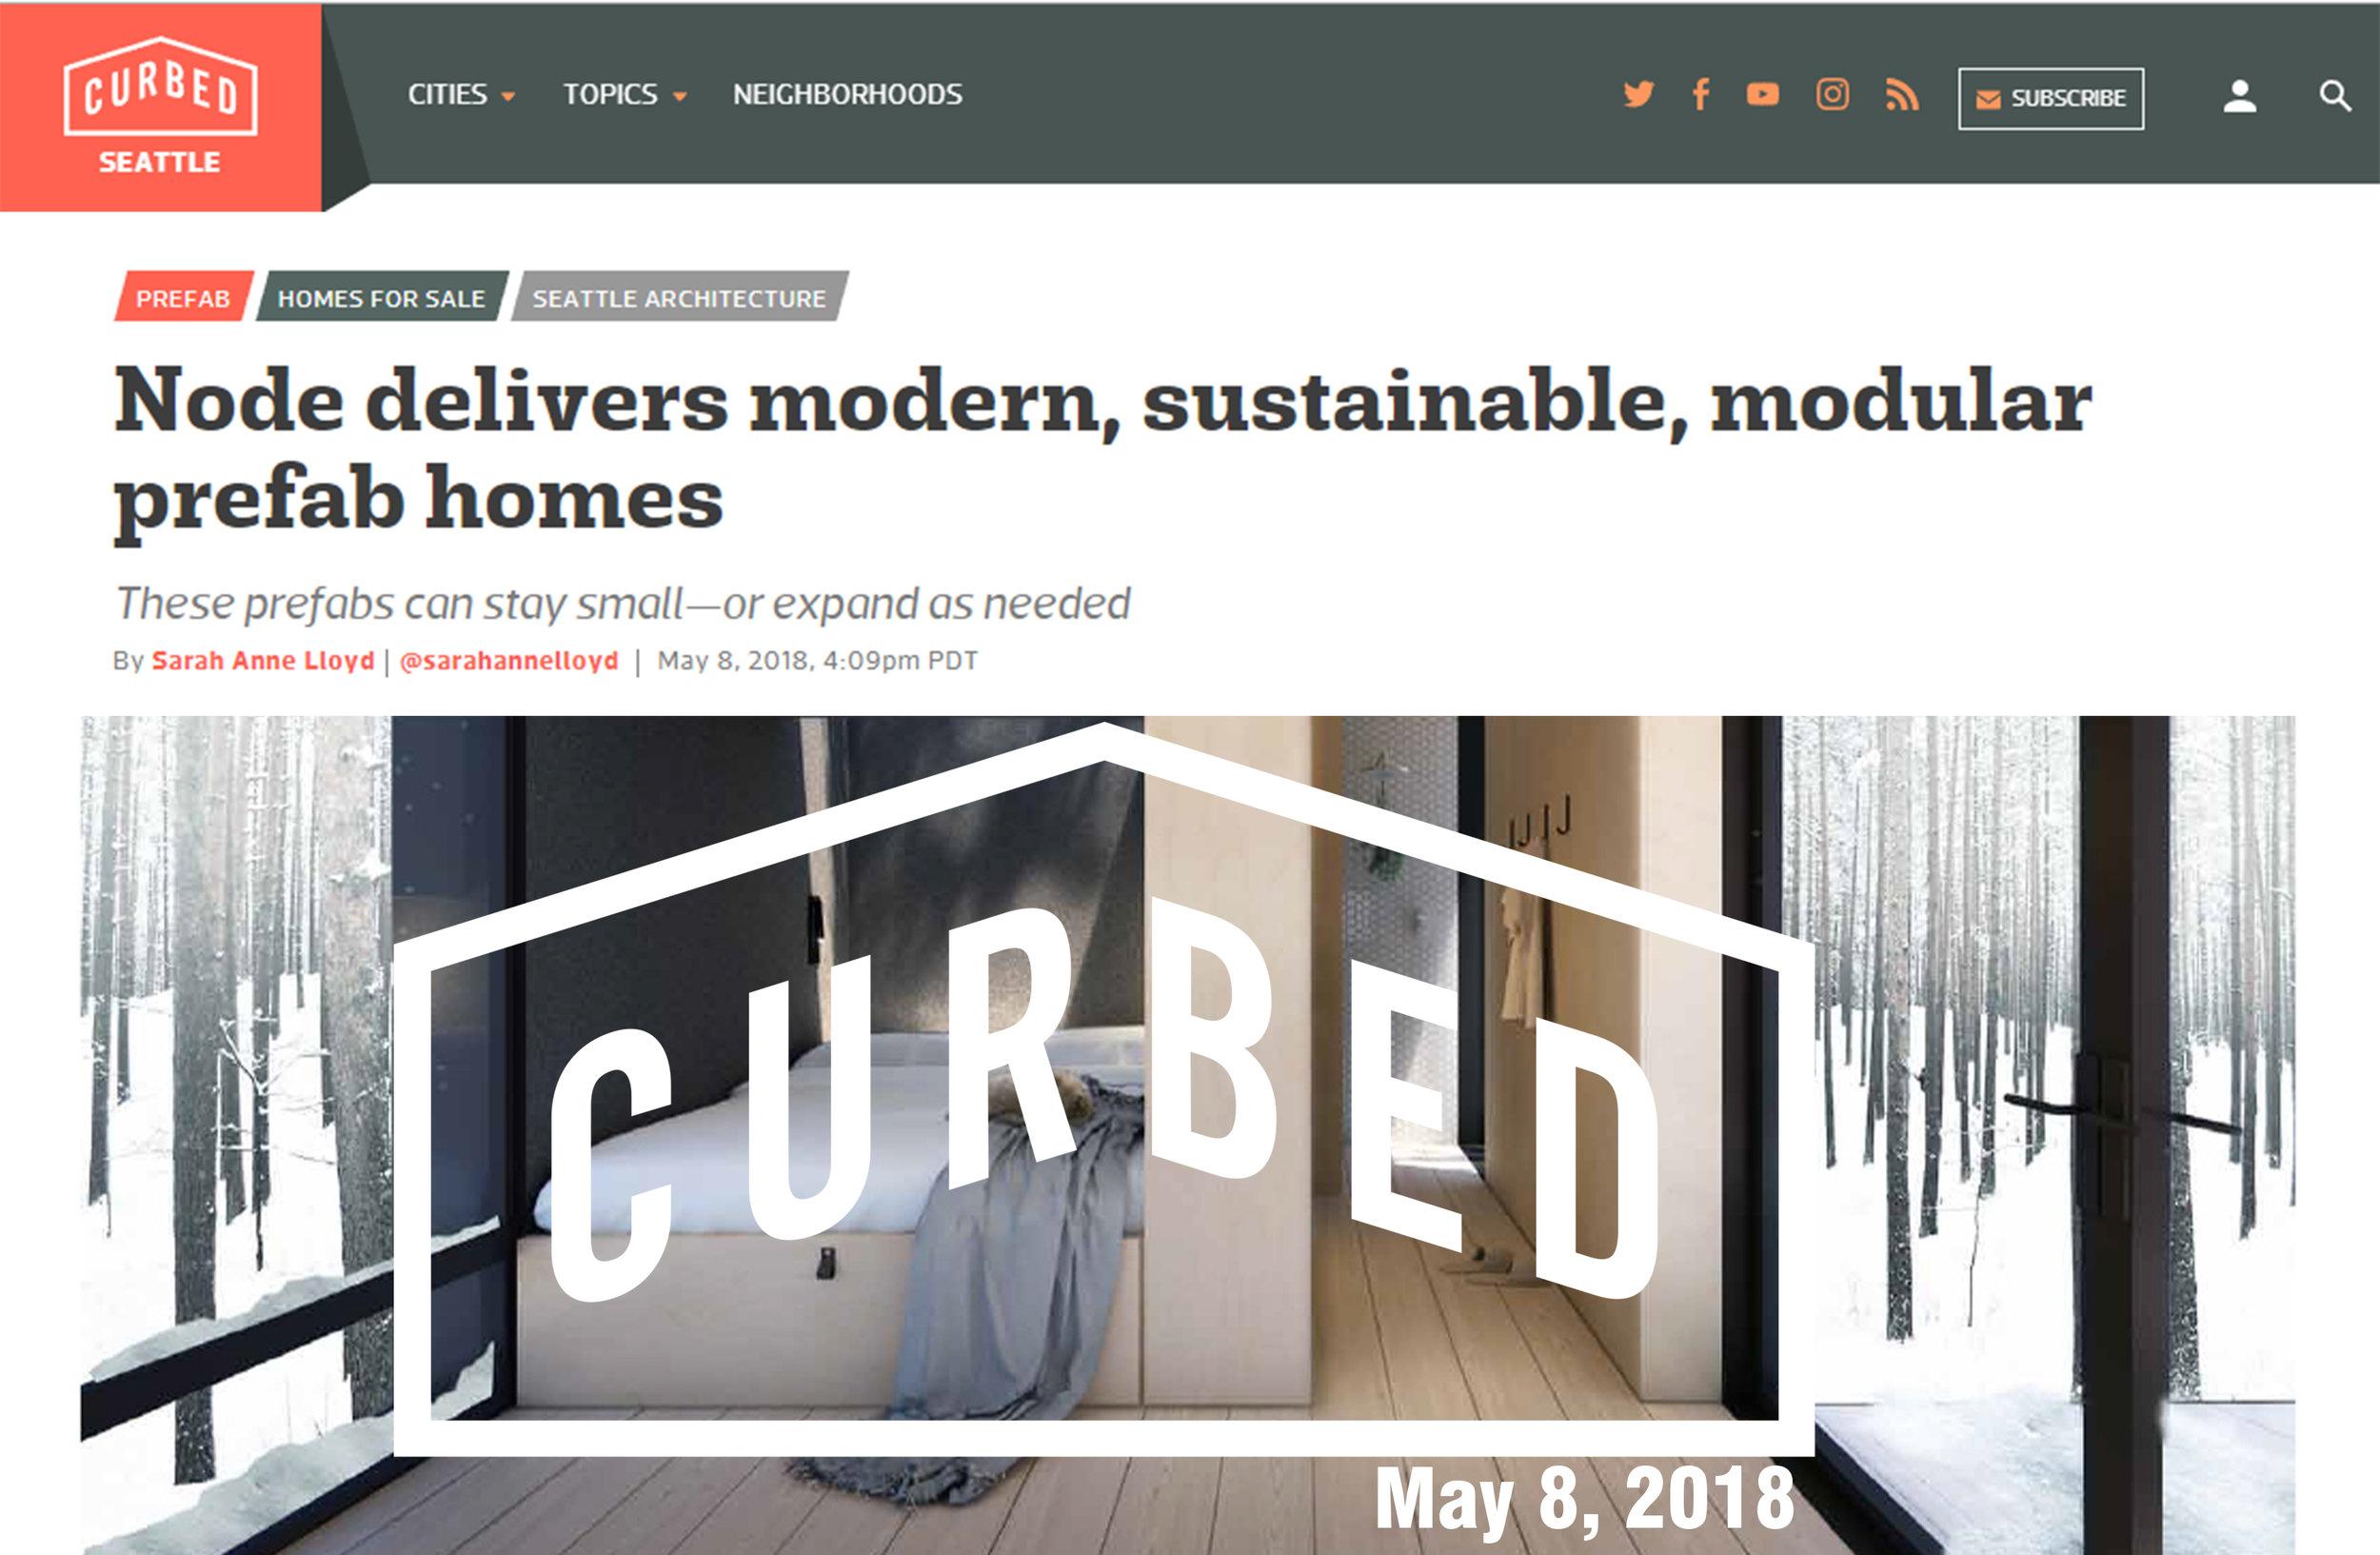 Curbed - NODE